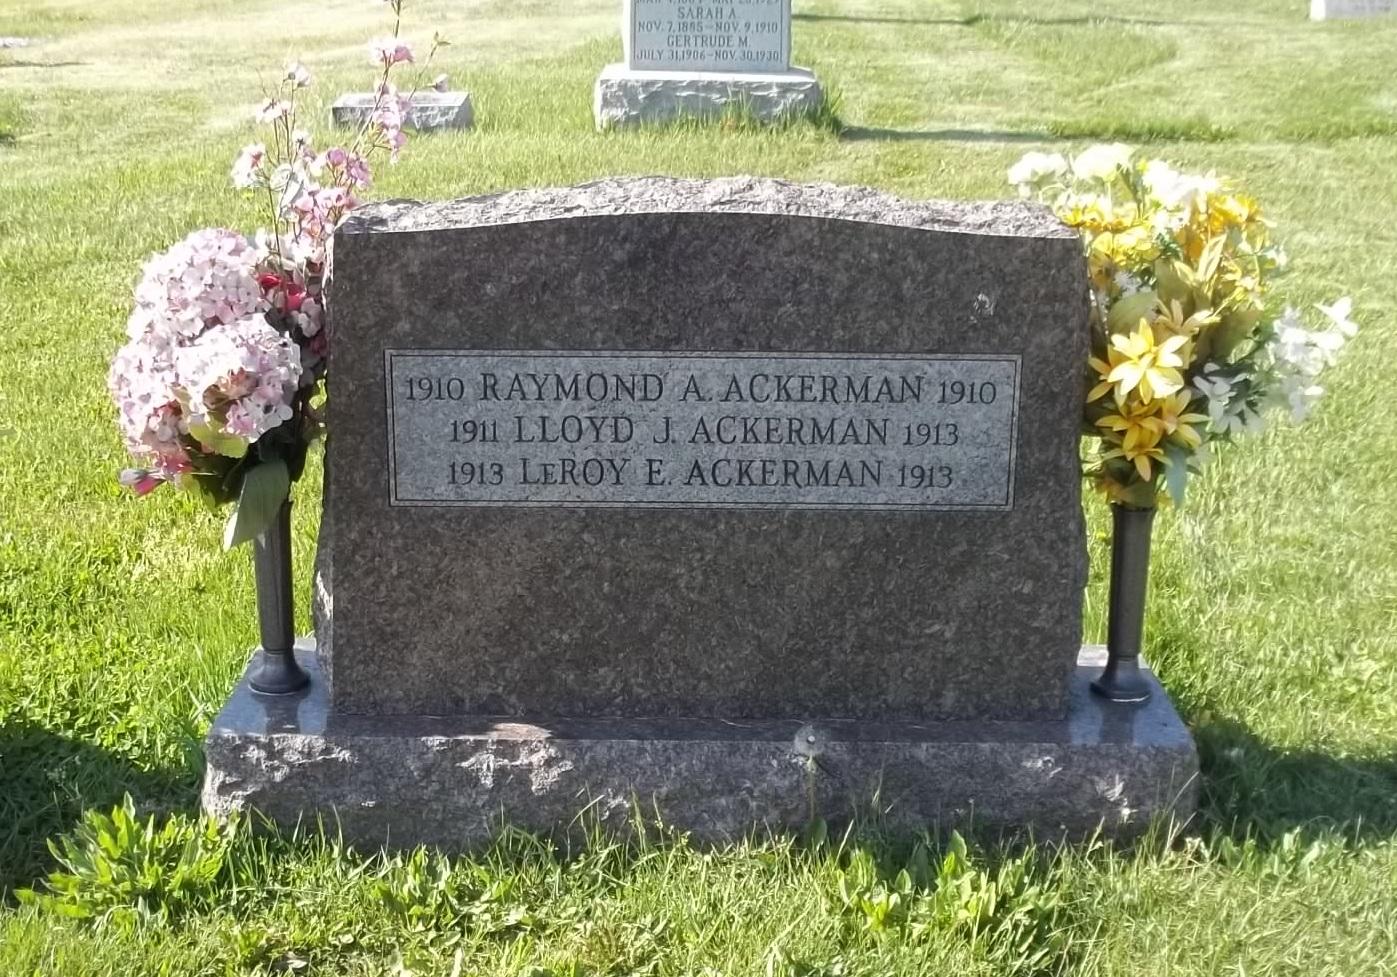 LeRoy Edward Ackerman